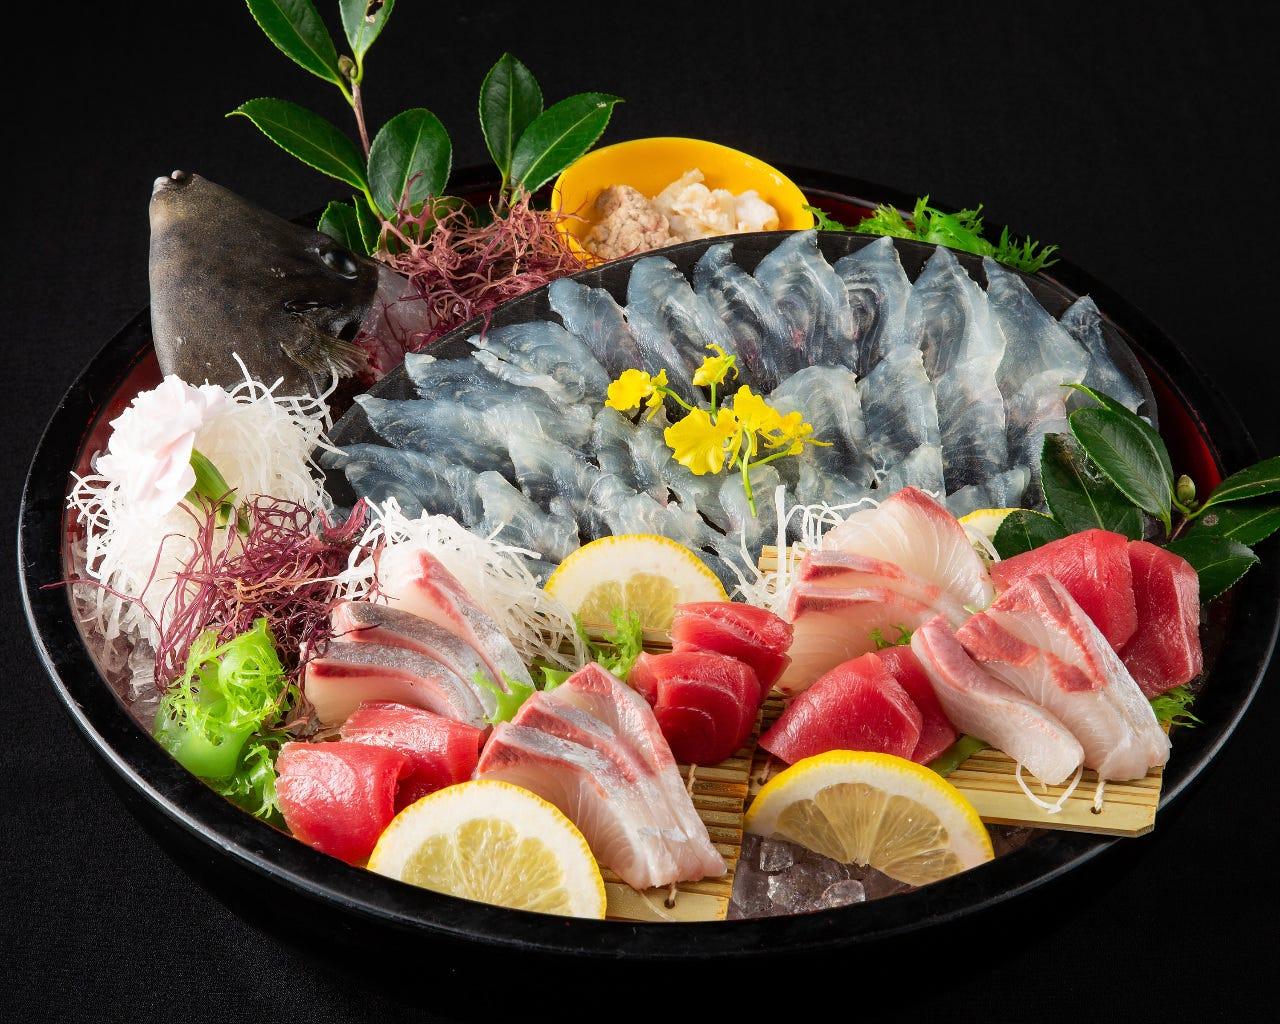 圧巻の活魚と地魚の刺し盛り